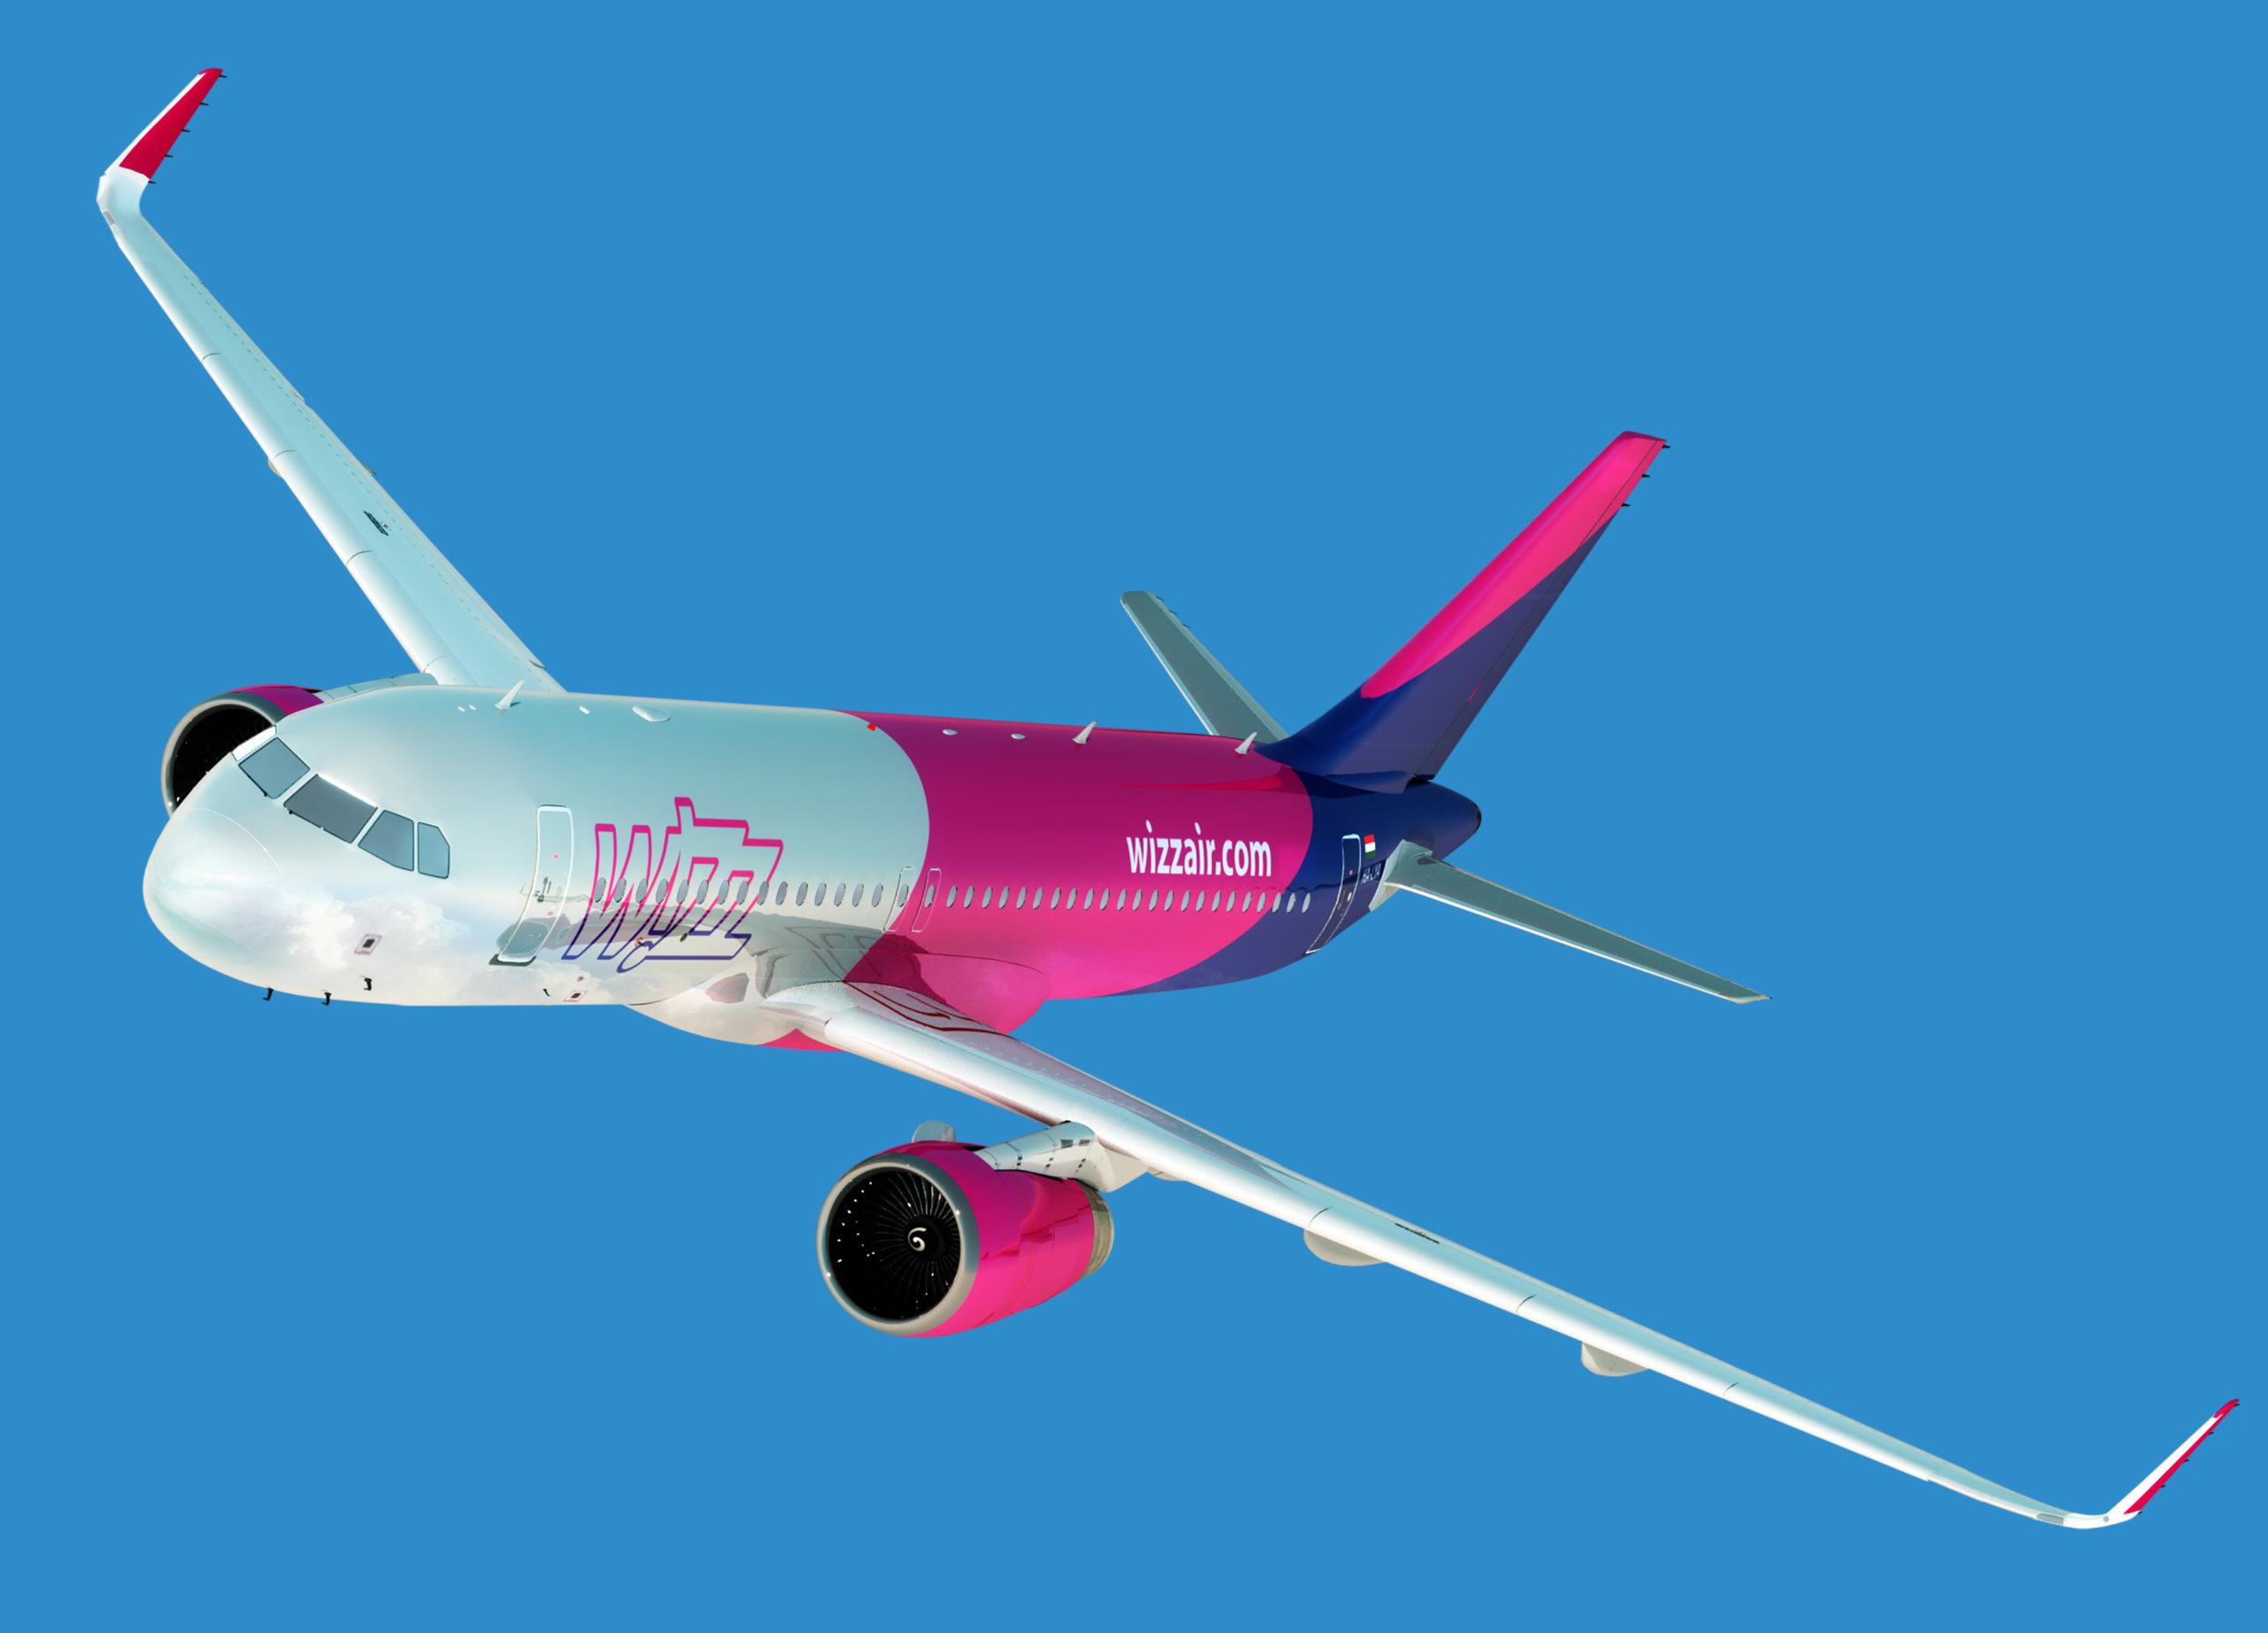 Wizz Air flight